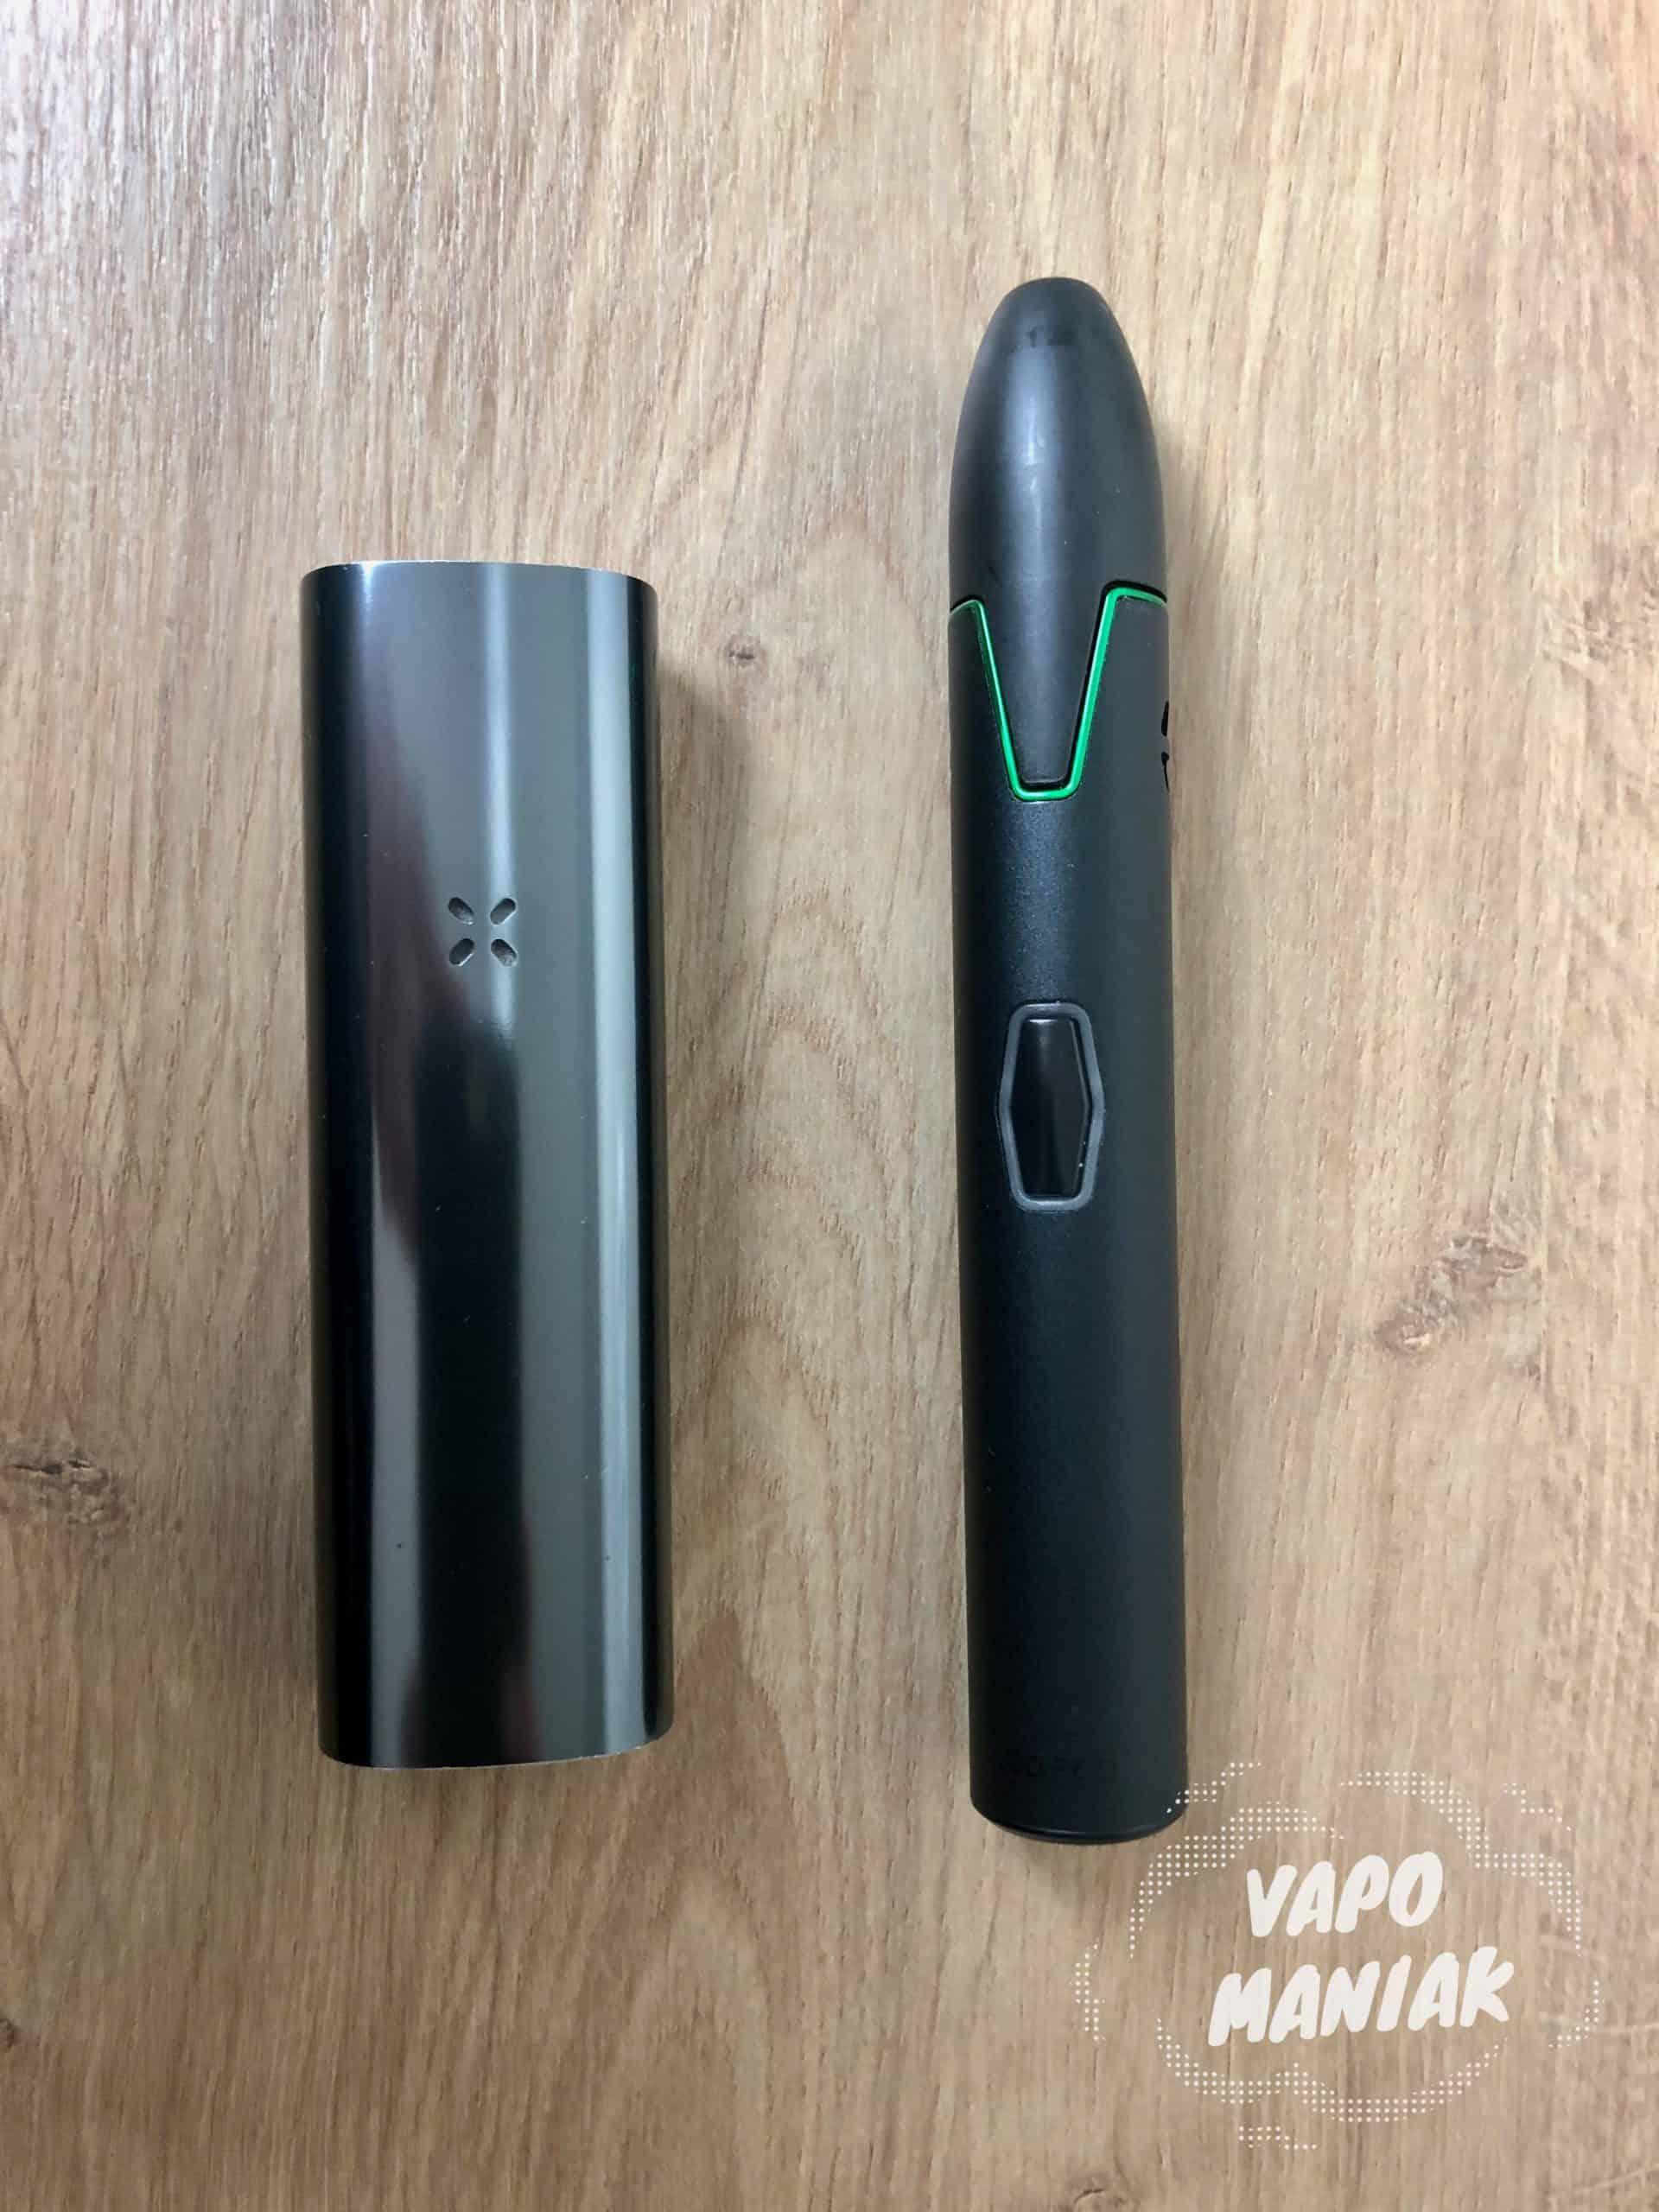 Porównanie wielkości PAX 3 (po lewej) oraz Vivant VLeaF Go (po prawej).